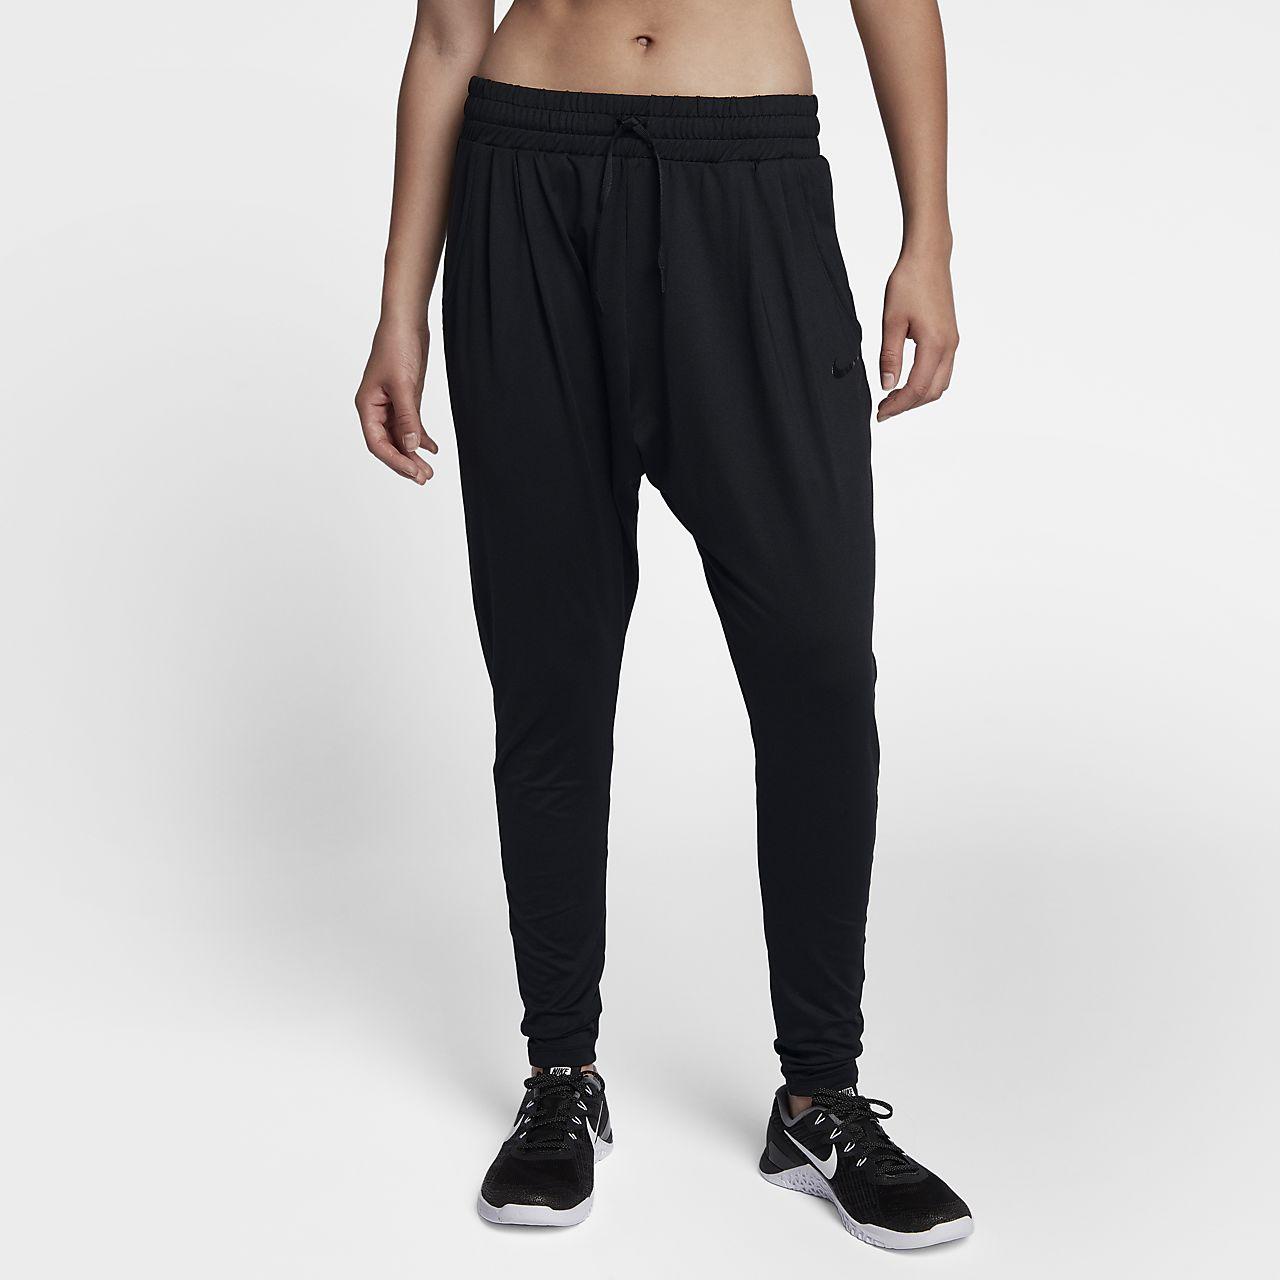 36d7397a29 ... Pantalones de entrenamiento de tiro medio para mujer Nike Dri-FIT Lux  Flow